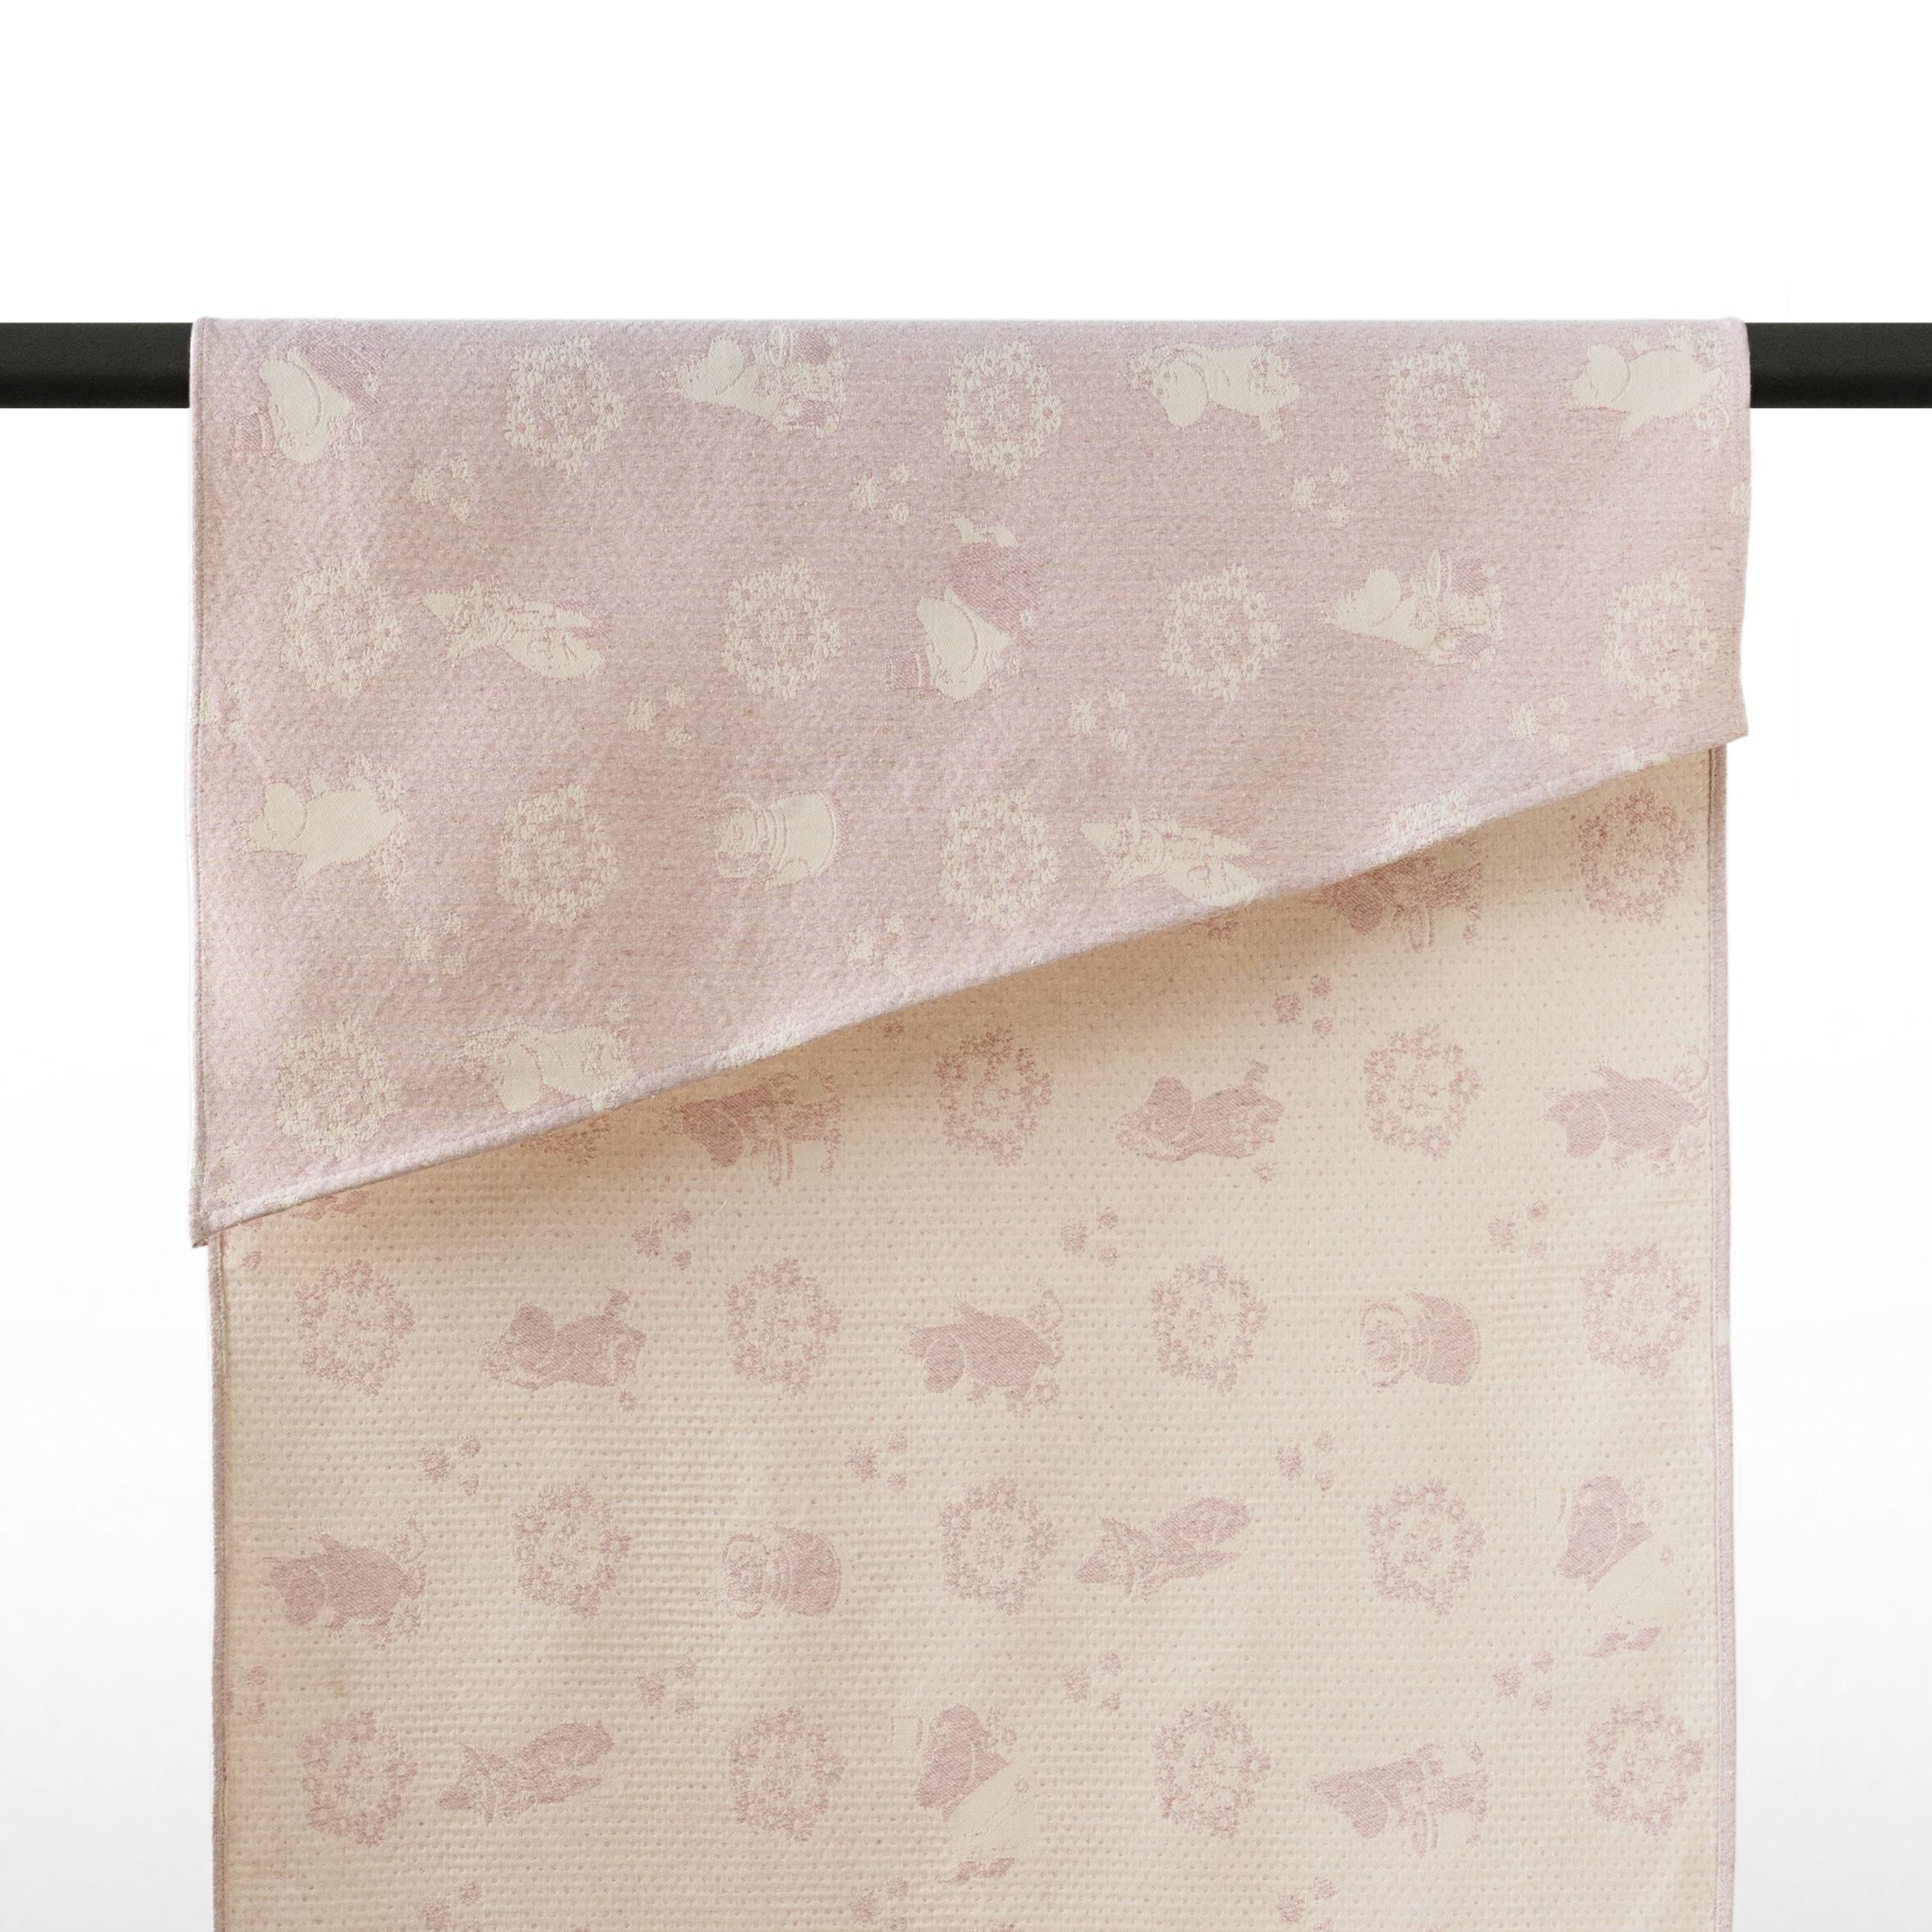 Moomin Valley Pink (1).jpg